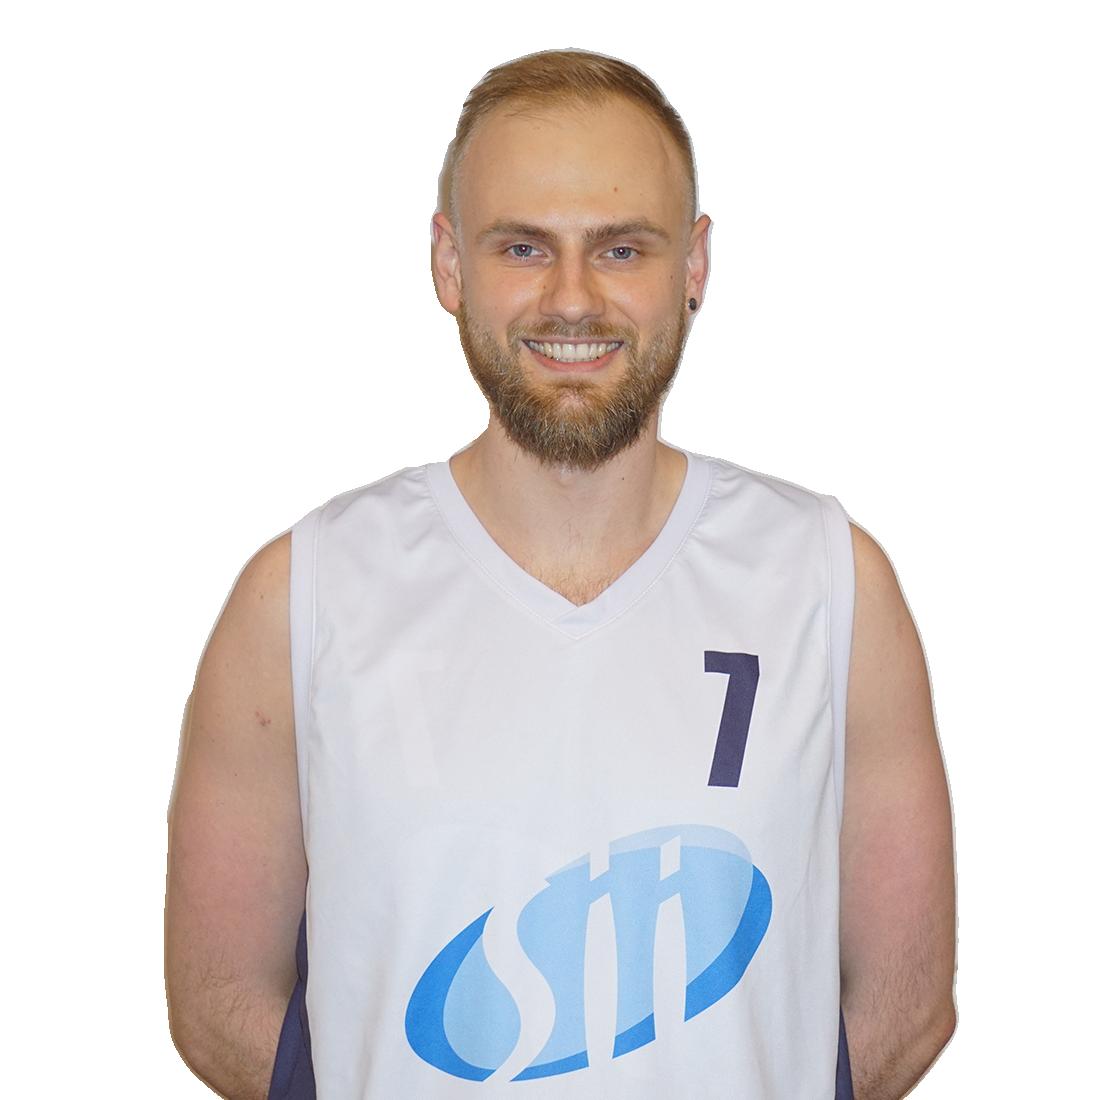 Oskar Obrzezgiewicz